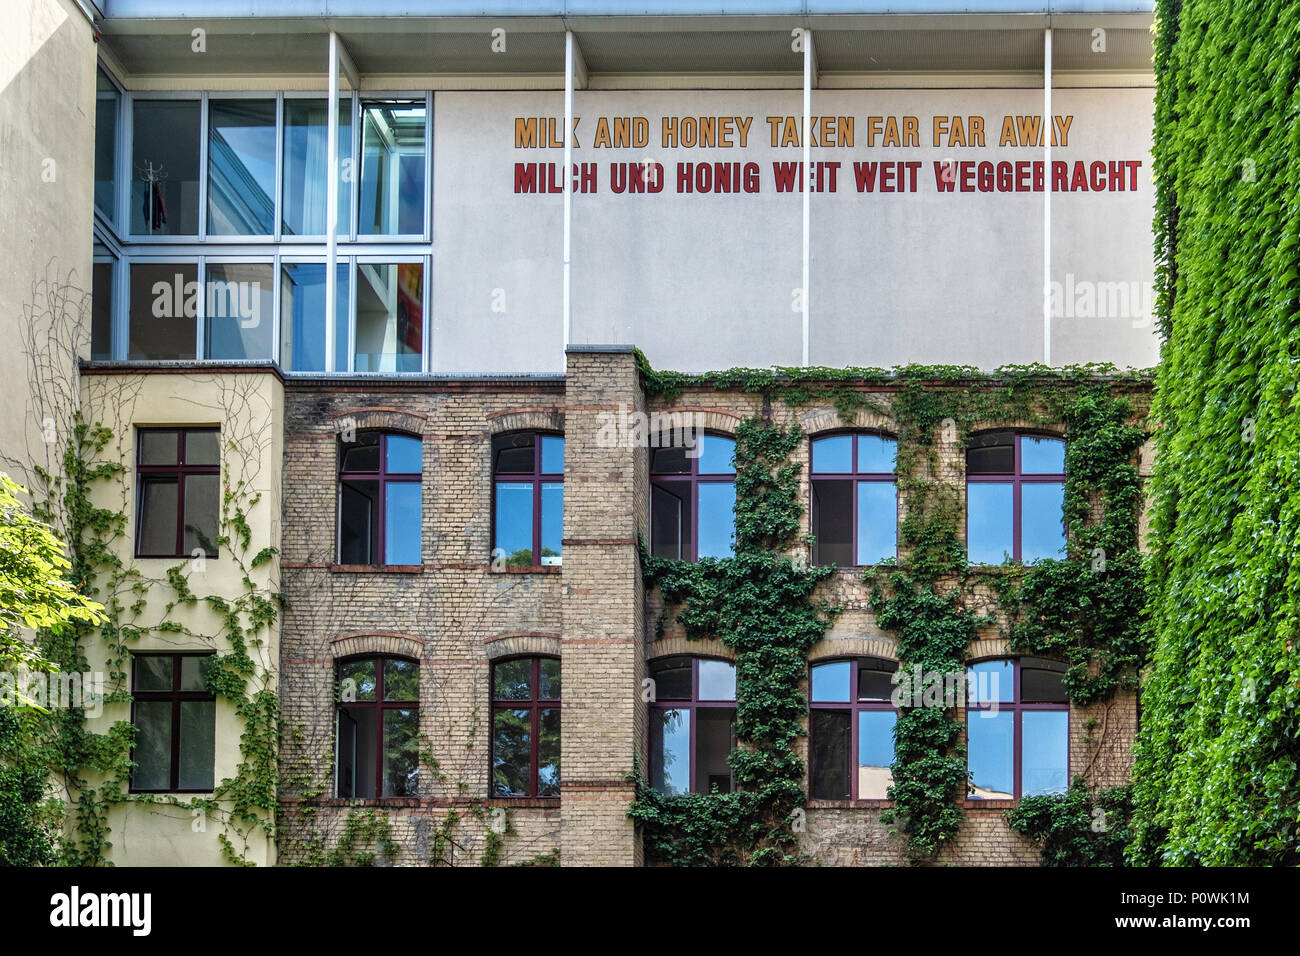 Berlín, Mitte Sophie-Gips-HöfeHistoric edificio del siglo XIX en Sophienstrasse & a finales del siglo XX, además,Hoffman Gallery. Word Art sobre la fachada. Foto de stock